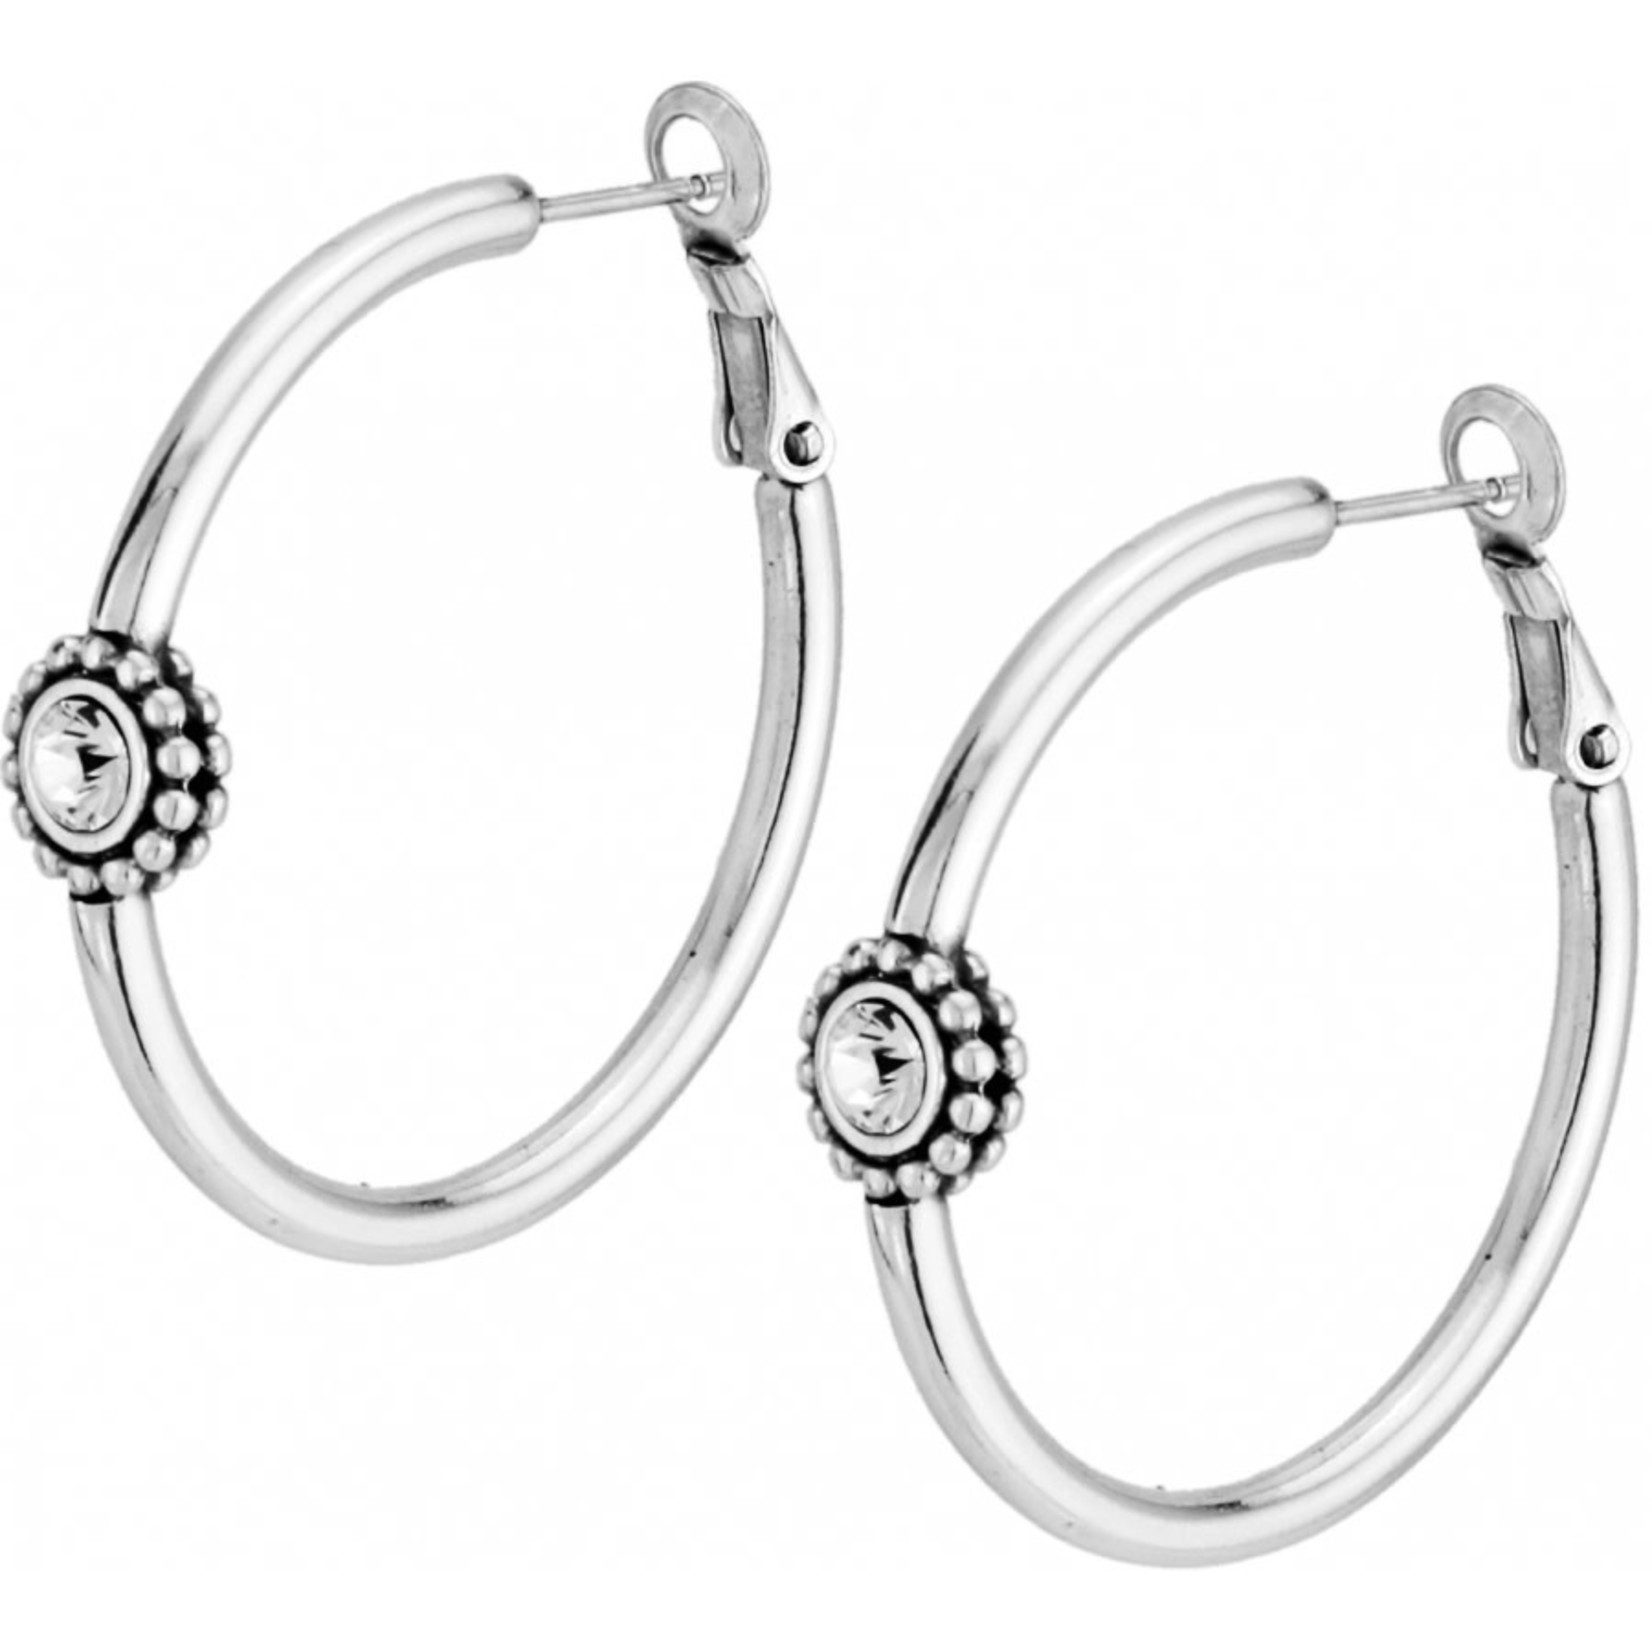 Brighton Twinkle Medium Hoop Post Earrings